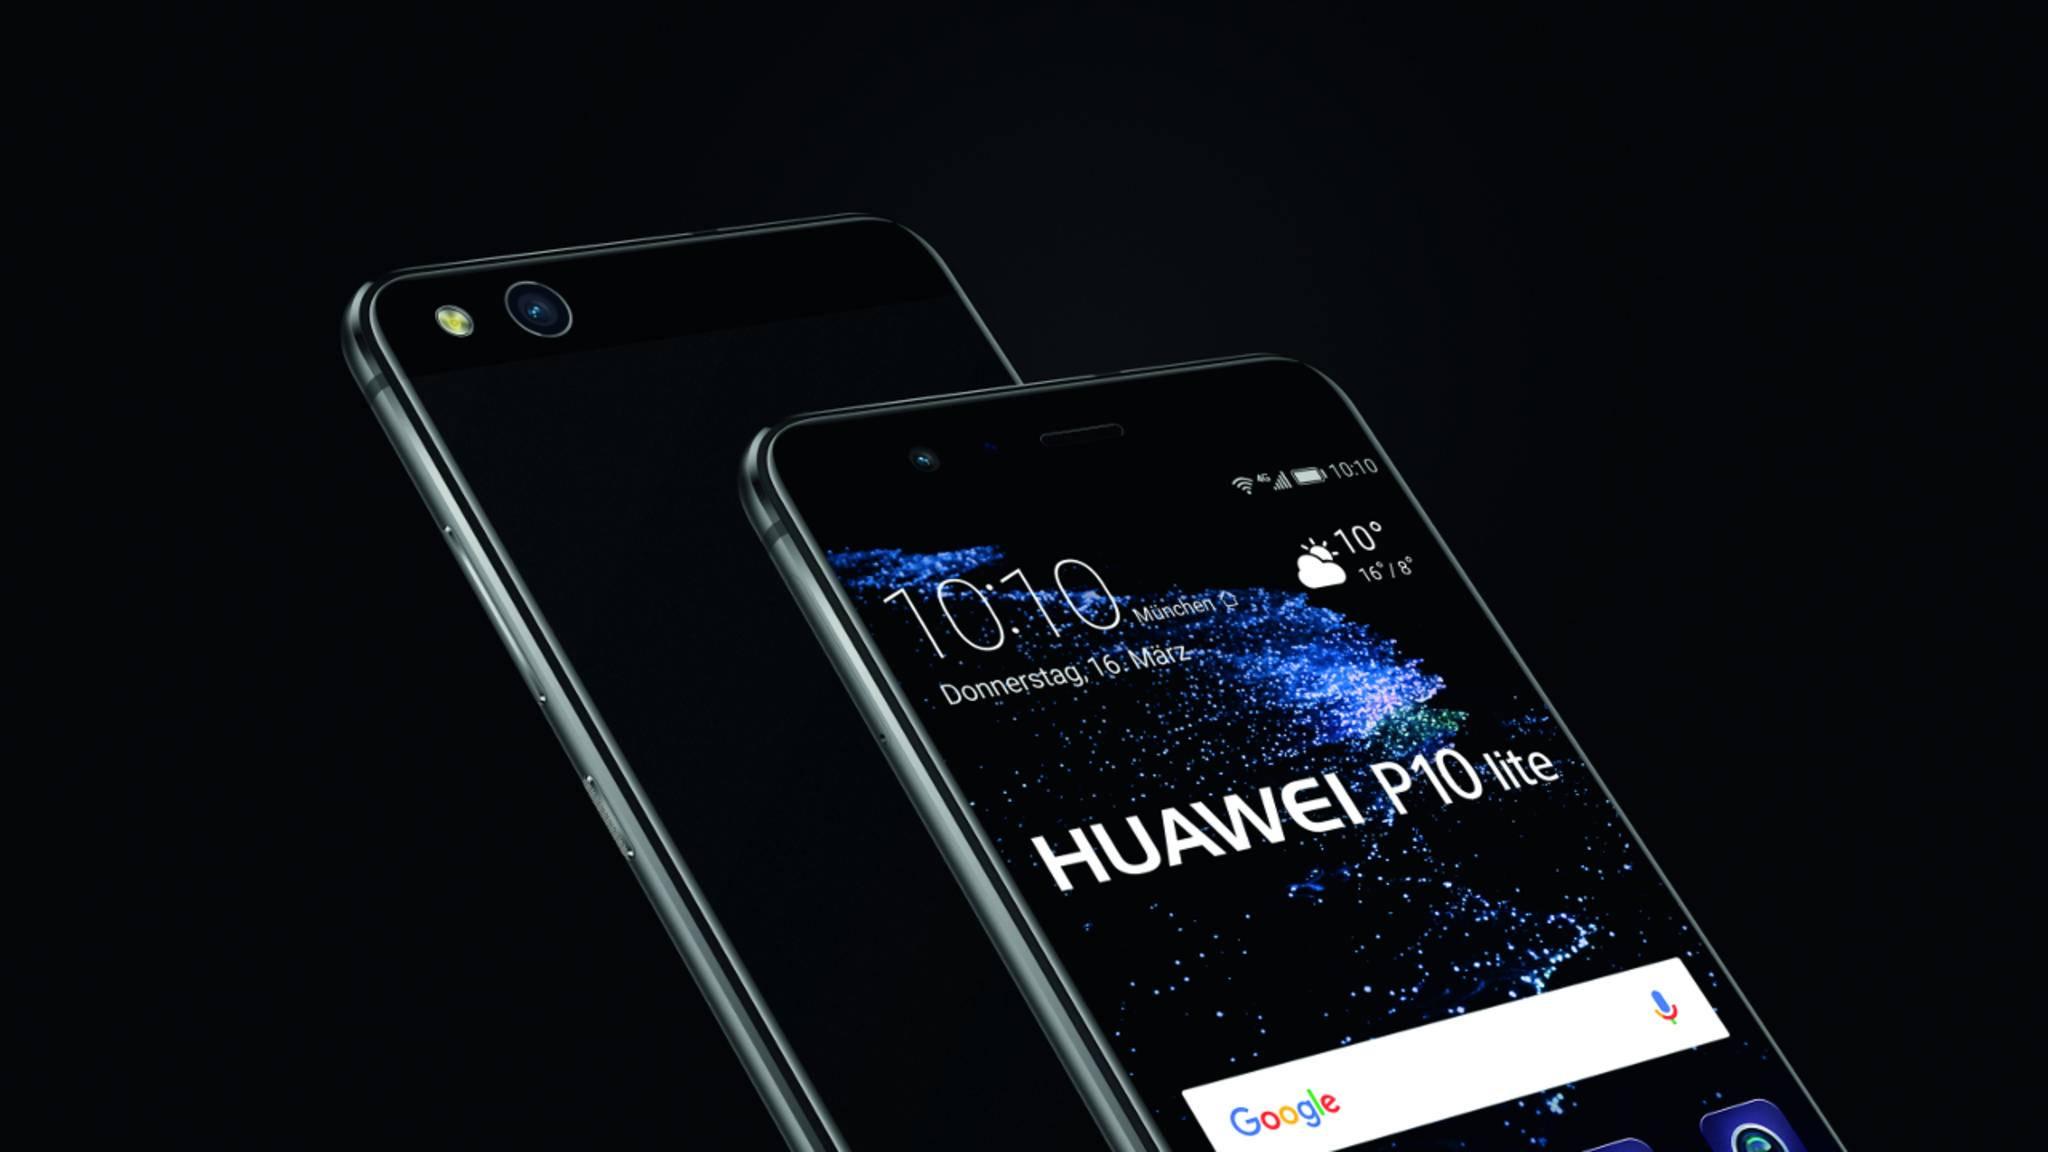 Das Huawei P10 Lite erscheint Ende März.